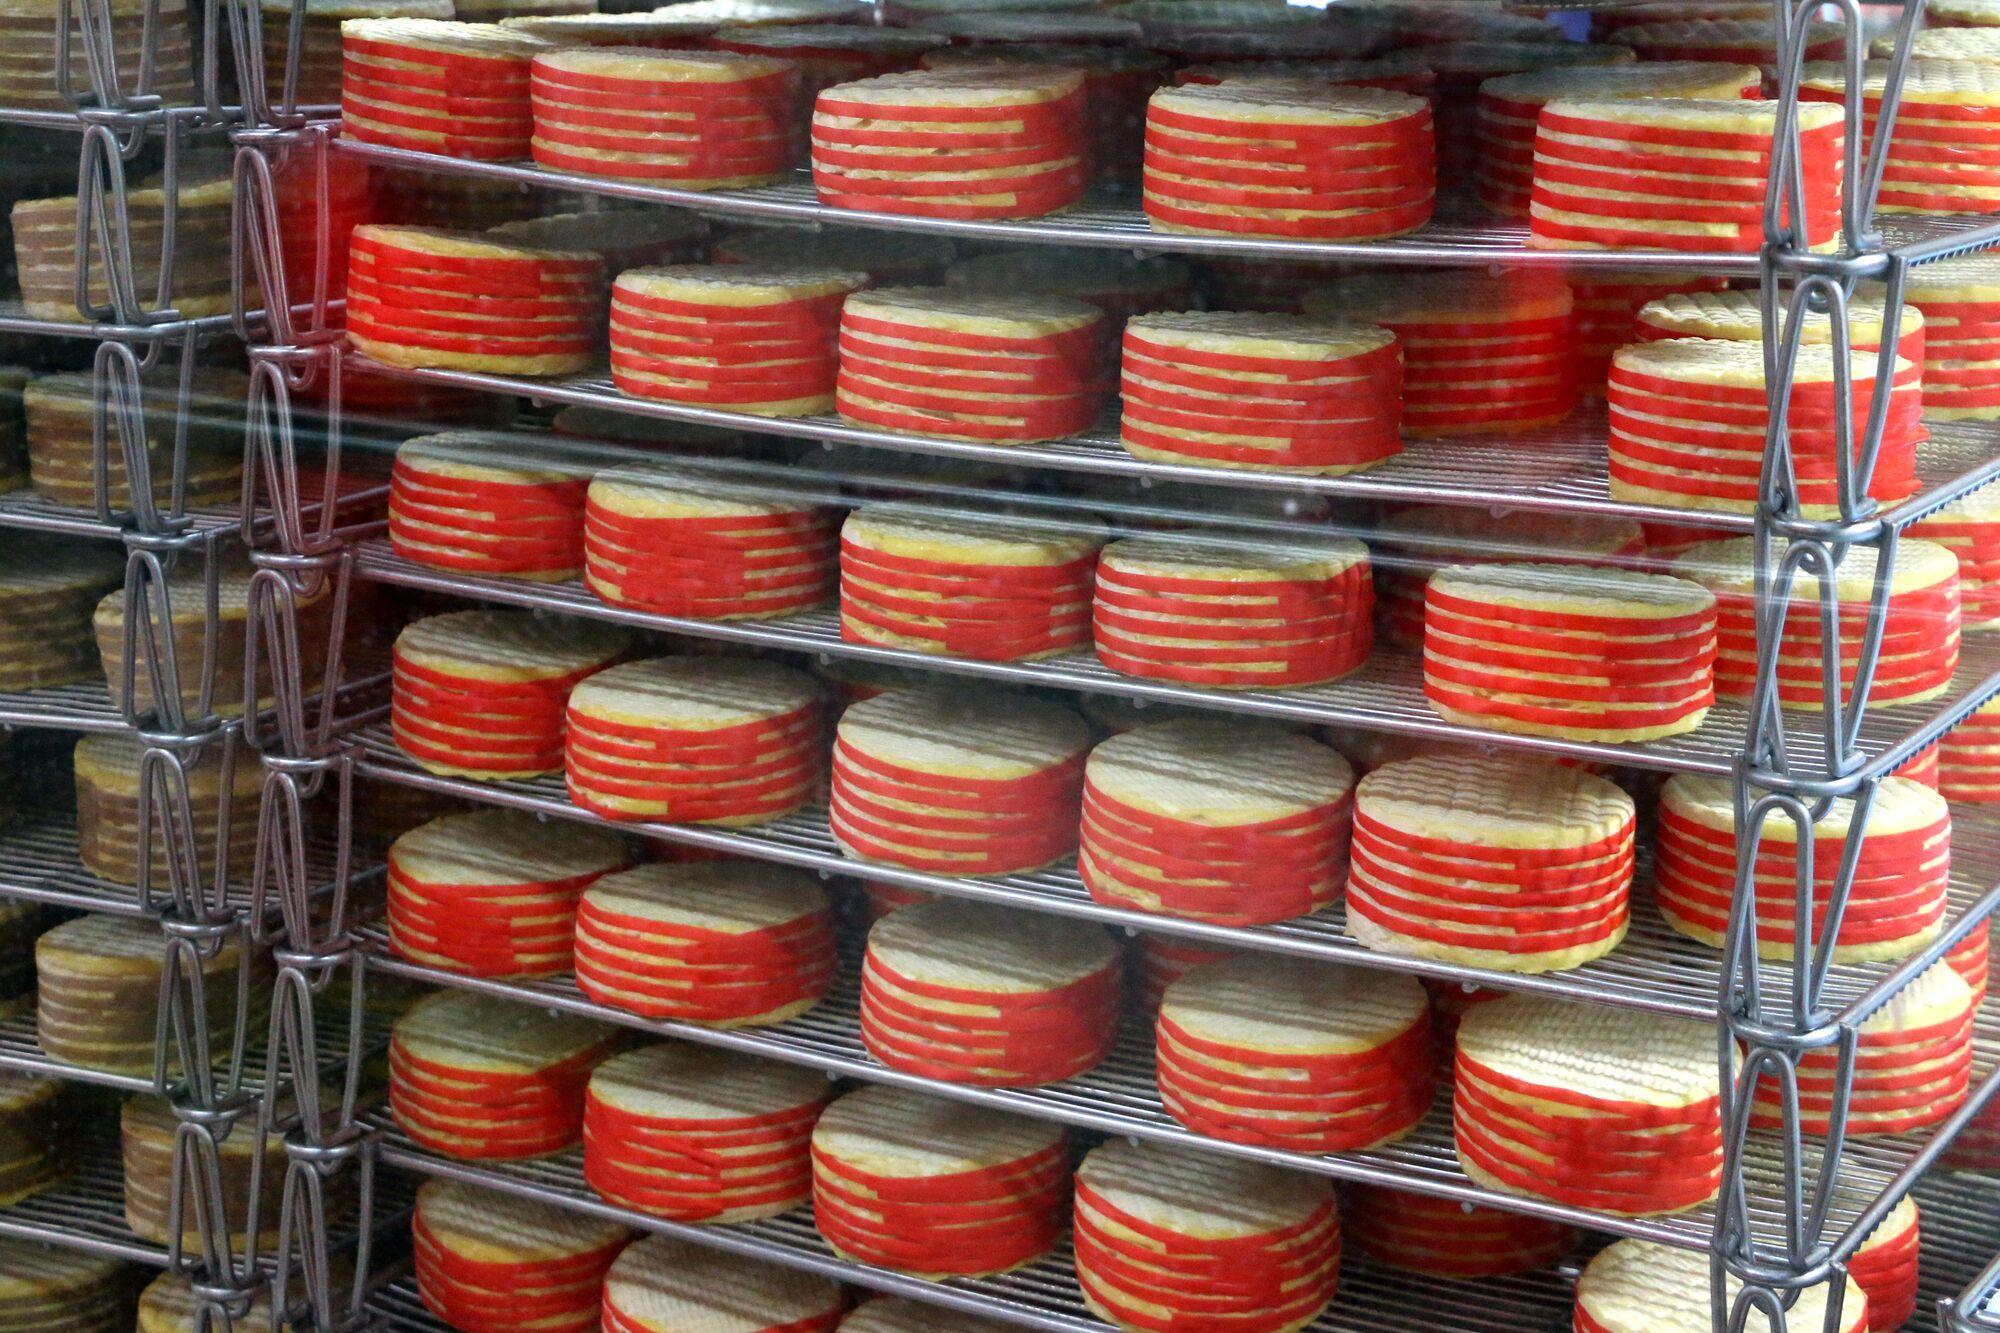 הליבארו נמכרת בגלגלים במשקל 450 גרם, סביבם מלופפים חבלי נצרים דקיקים